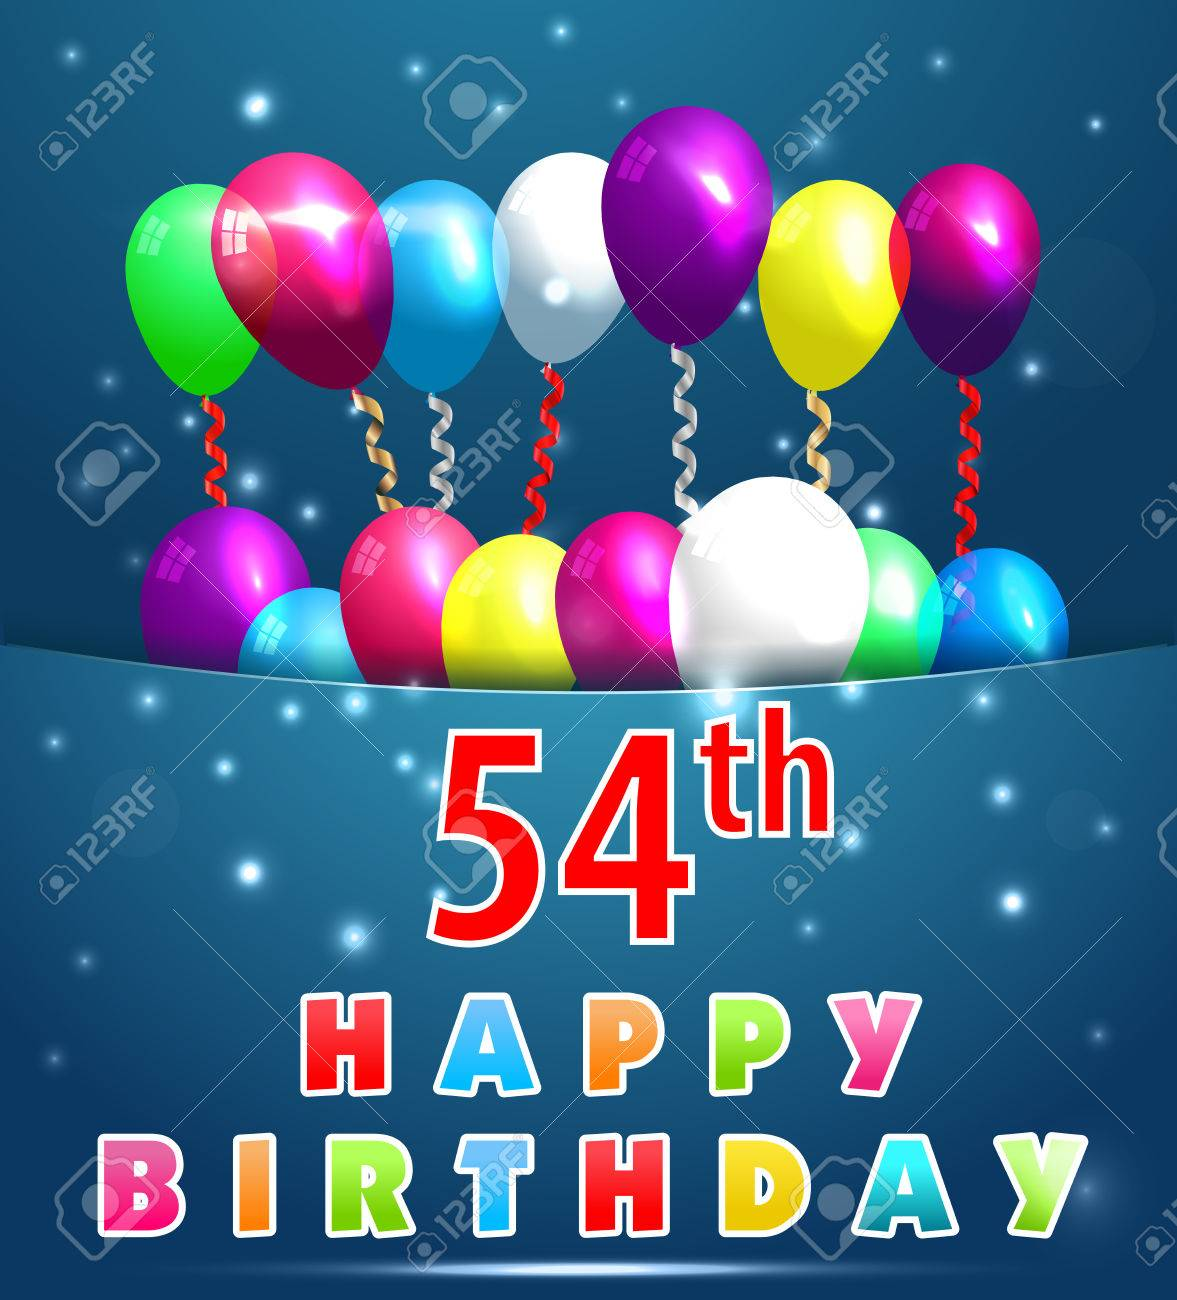 Auguri Buon Compleanno 55 Anni.55 Anni Scheda Di Buon Compleanno Con Palloncini E Nastri 55 Compleanno